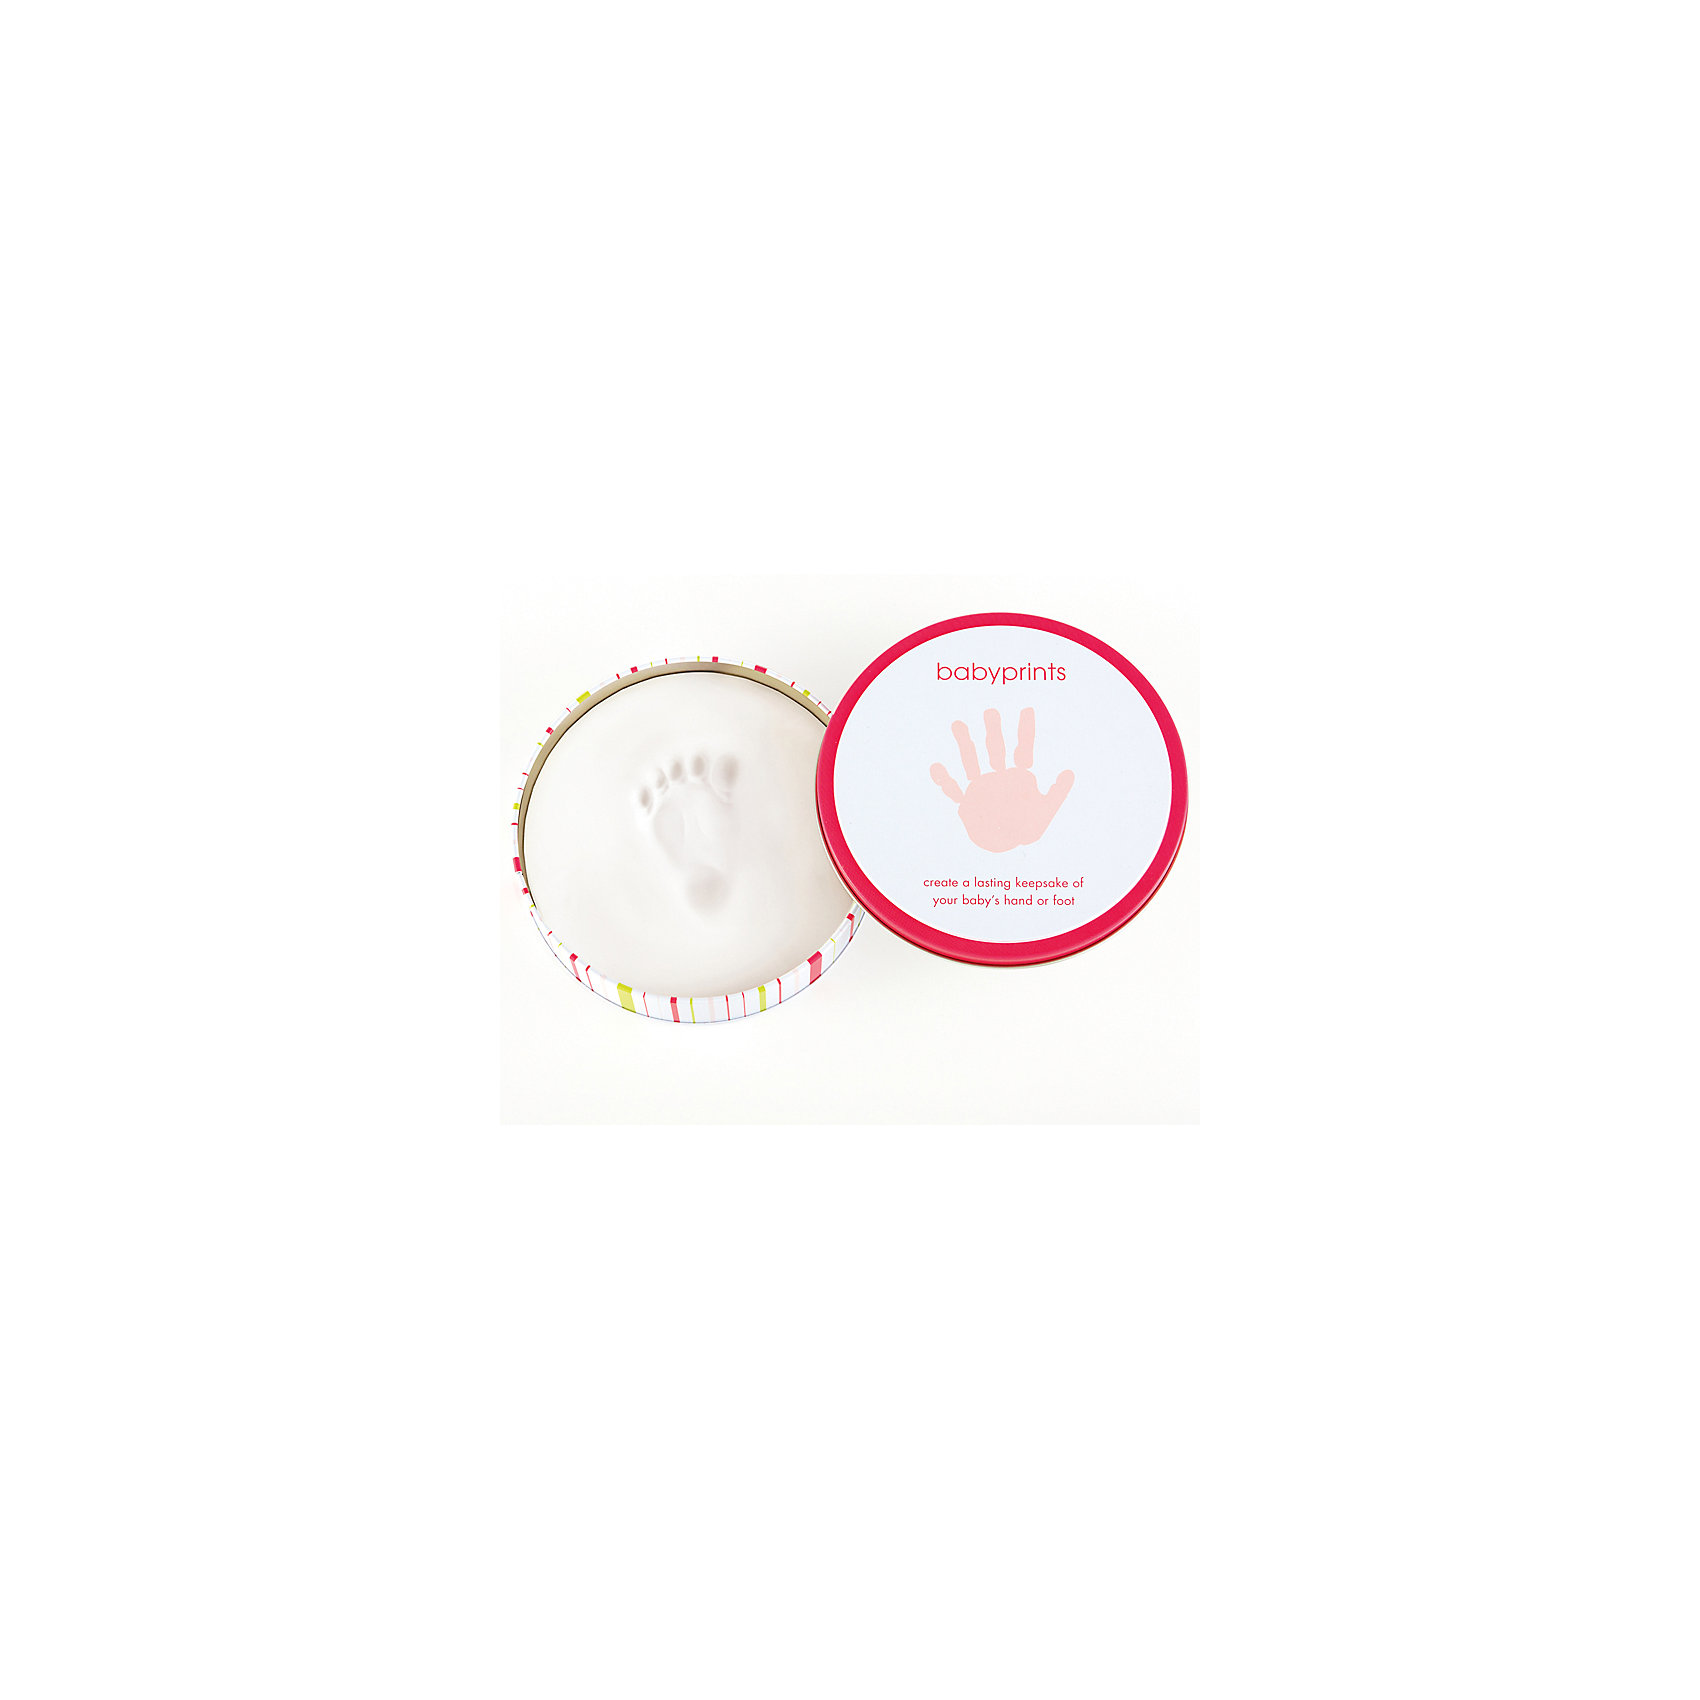 Подарок Пяточка-Ладошка (Отпечаток), PearheadДетские предметы интерьера<br>Характеристики:<br><br>• Пол: для девочки<br>• Цвет: белый, розовый<br>• Материал: слепочный материал, олово<br>• Комплектация: материал для изготовления отпечатков, форма для заготовки, оловянная подставка, инструкция<br>• Тип рамки: для полки<br>• Количество секций: 2<br>• Форма секций: круг<br>• Оловянная подставка<br>• Размеры рамки (Д*Ш*В): 15*4*15 см <br>• Вес: 650 г <br>• Особенности ухода: допускается сухая и влажная чистка<br><br>Подарок Пяточка-Ладошка (Отпечаток), Pearhead изготовлена американским торговым брендом, который специализируется на создании подарочных наборов для новорожденных и их родителей. Инновационные технологии, которые используются при создании наборов для изготовления слепков являются безопасными и не вызывают аллергии. <br><br>Разработанный специальным образом материал для снятия слепков обеспечивает чистое касание детской ручки или ножки. В набор входит рамка, состоящая из двух круглых секций, необходимые материалы и инструменты для создания детских слепков. Оловянная подставка придает устойчивость изделию. Изделие выполнено в классическом дизайне, поэтому подойдет для интерьера любого стилевого направления. <br><br>Подарок Пяточка-Ладошка (Отпечаток), Pearhead можно купить в нашем интернет-магазине.<br><br>Ширина мм: 150<br>Глубина мм: 40<br>Высота мм: 150<br>Вес г: 220<br>Возраст от месяцев: 0<br>Возраст до месяцев: 84<br>Пол: Женский<br>Возраст: Детский<br>SKU: 5482433